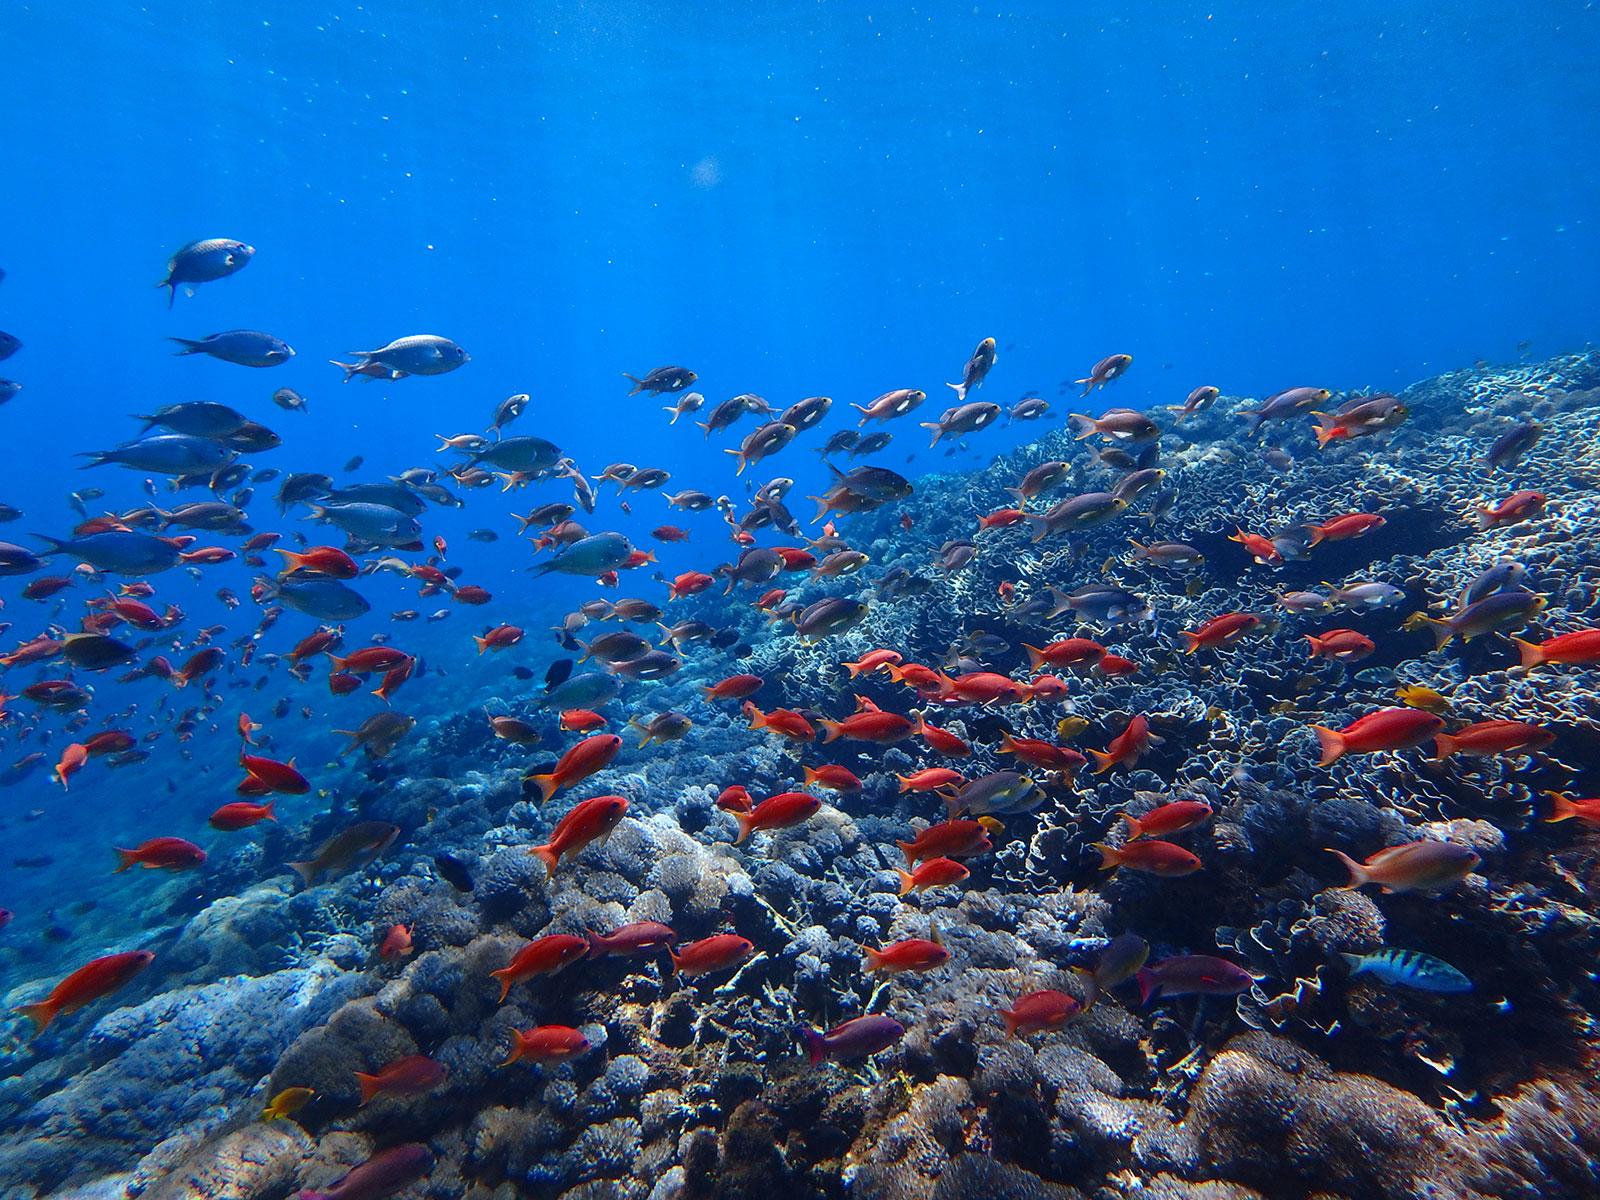 ペニダ島のサンゴ礁と熱帯魚